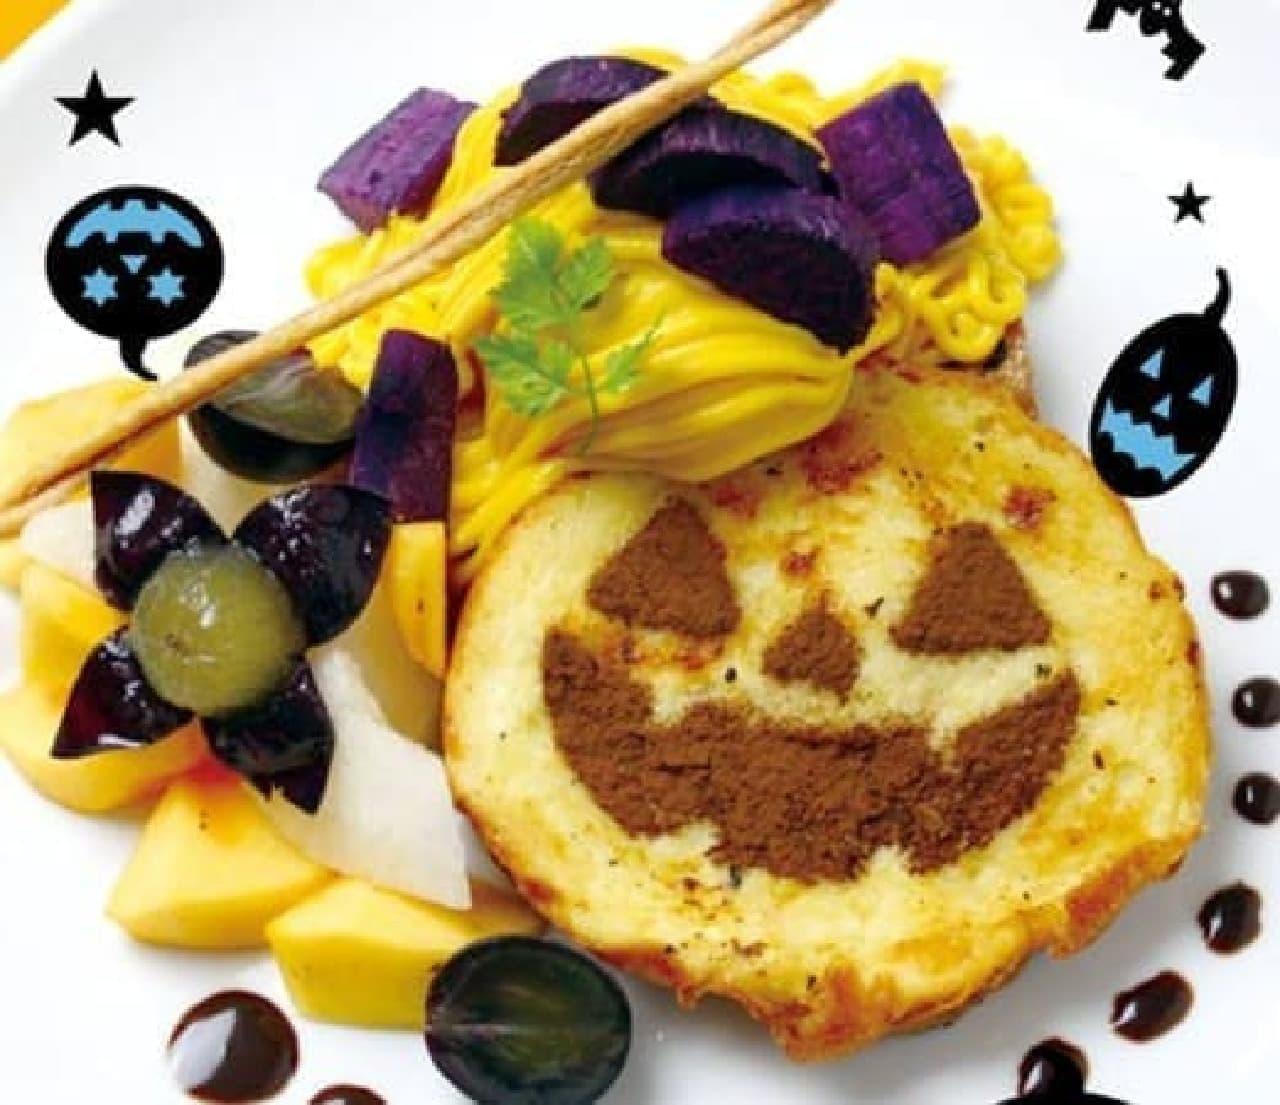 秋の味覚たっぷり!  (画像:Hug French toast cafe 梅田 Facebook ページ)